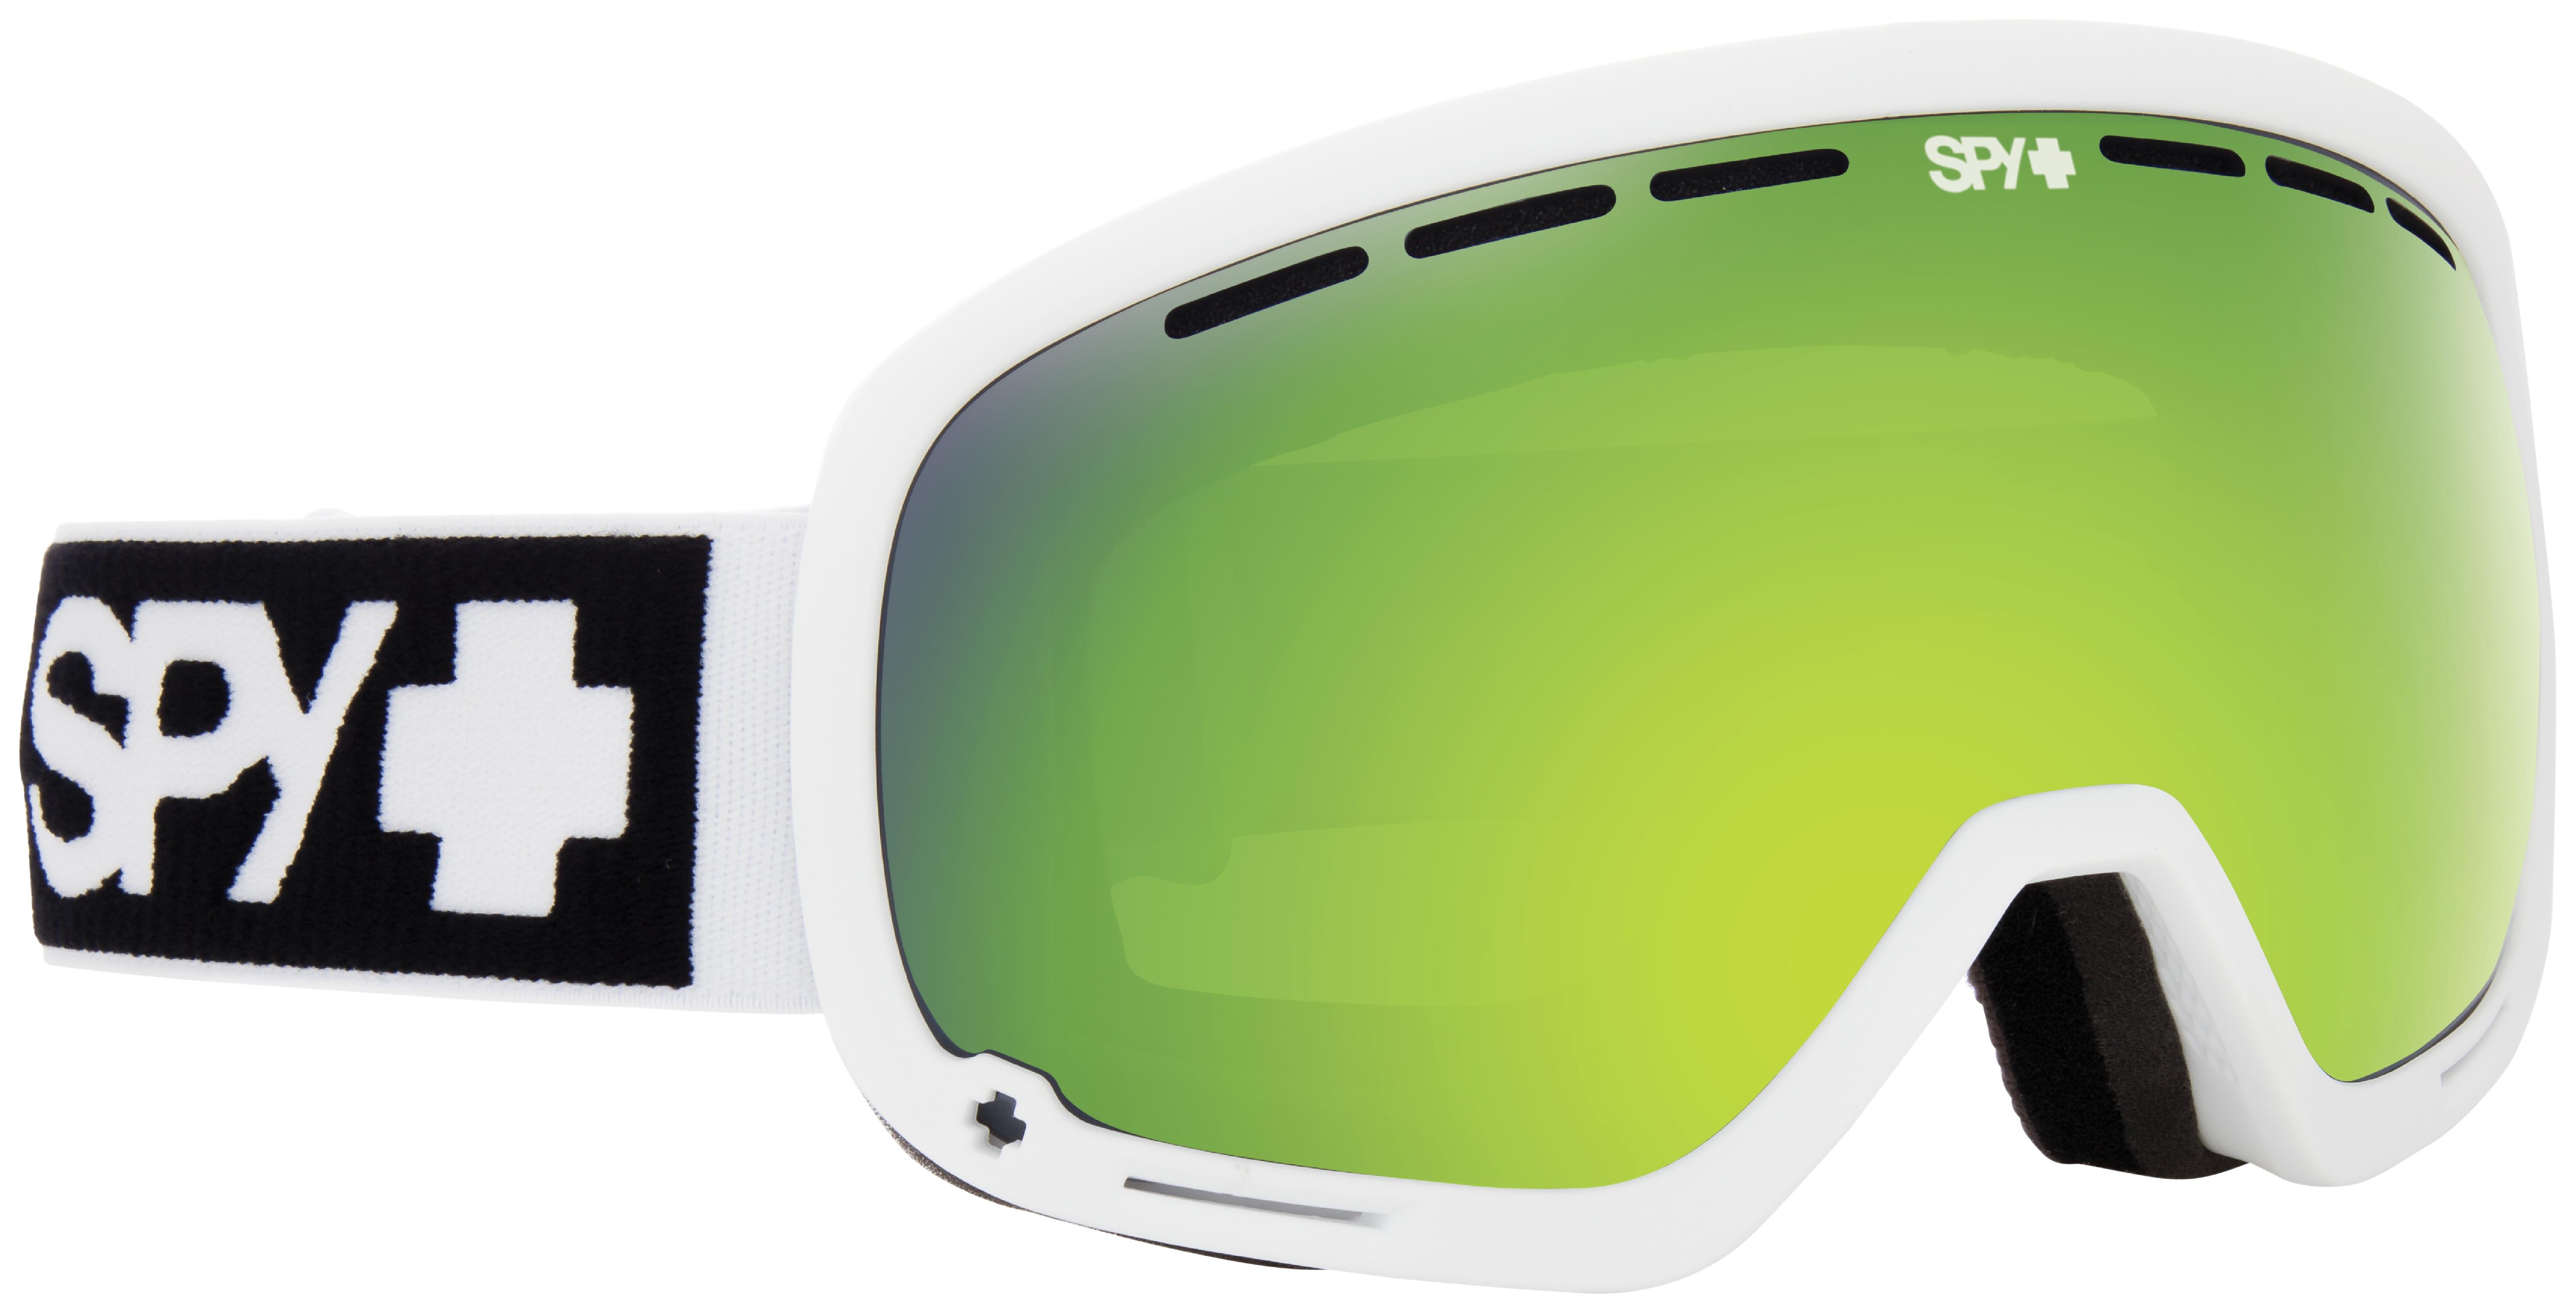 1b19e35a8368 Spy Marshall Snow Goggles - Cycle Gear